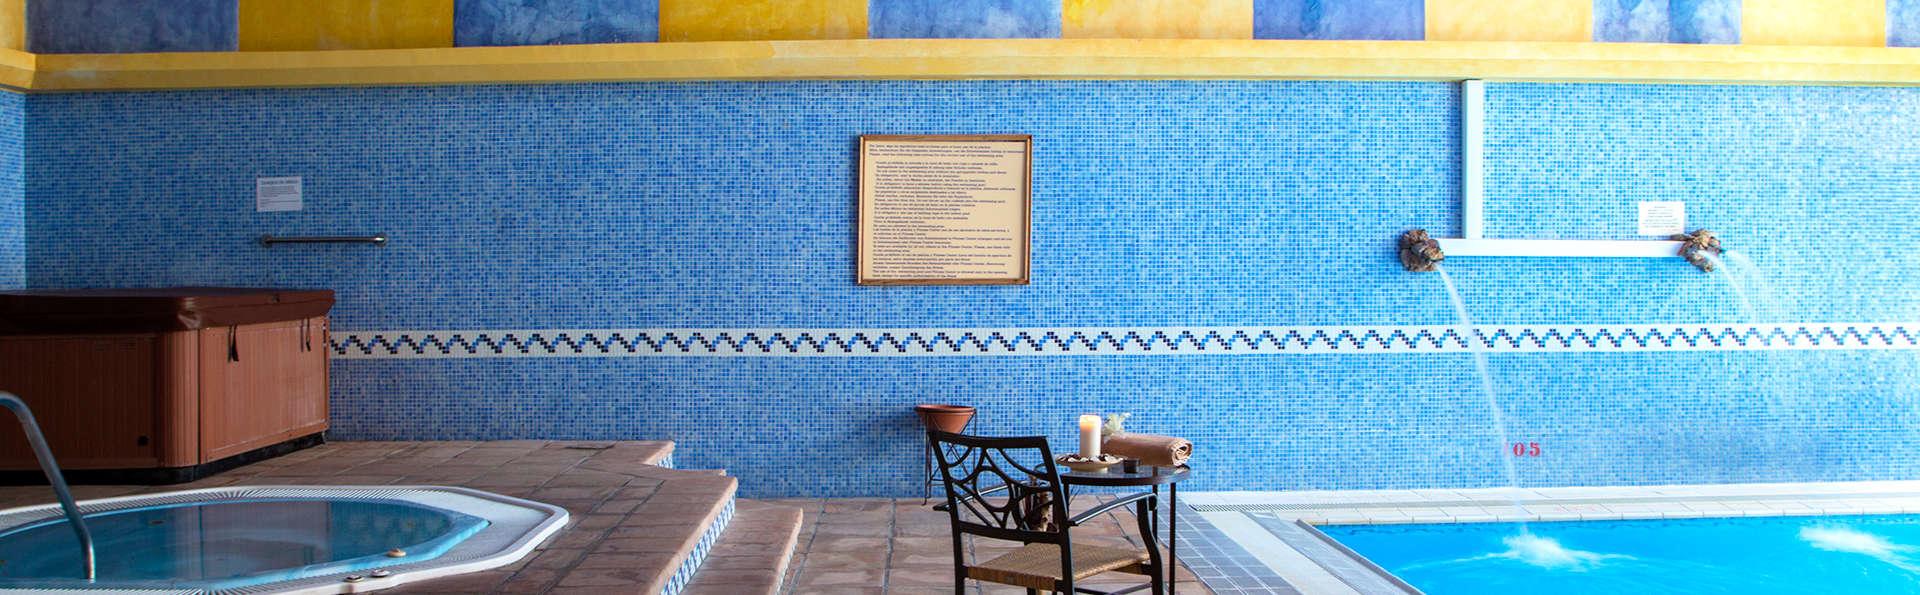 Profitez de la gastronomie andalouse en pension complète et accédez au spa d'Antequera